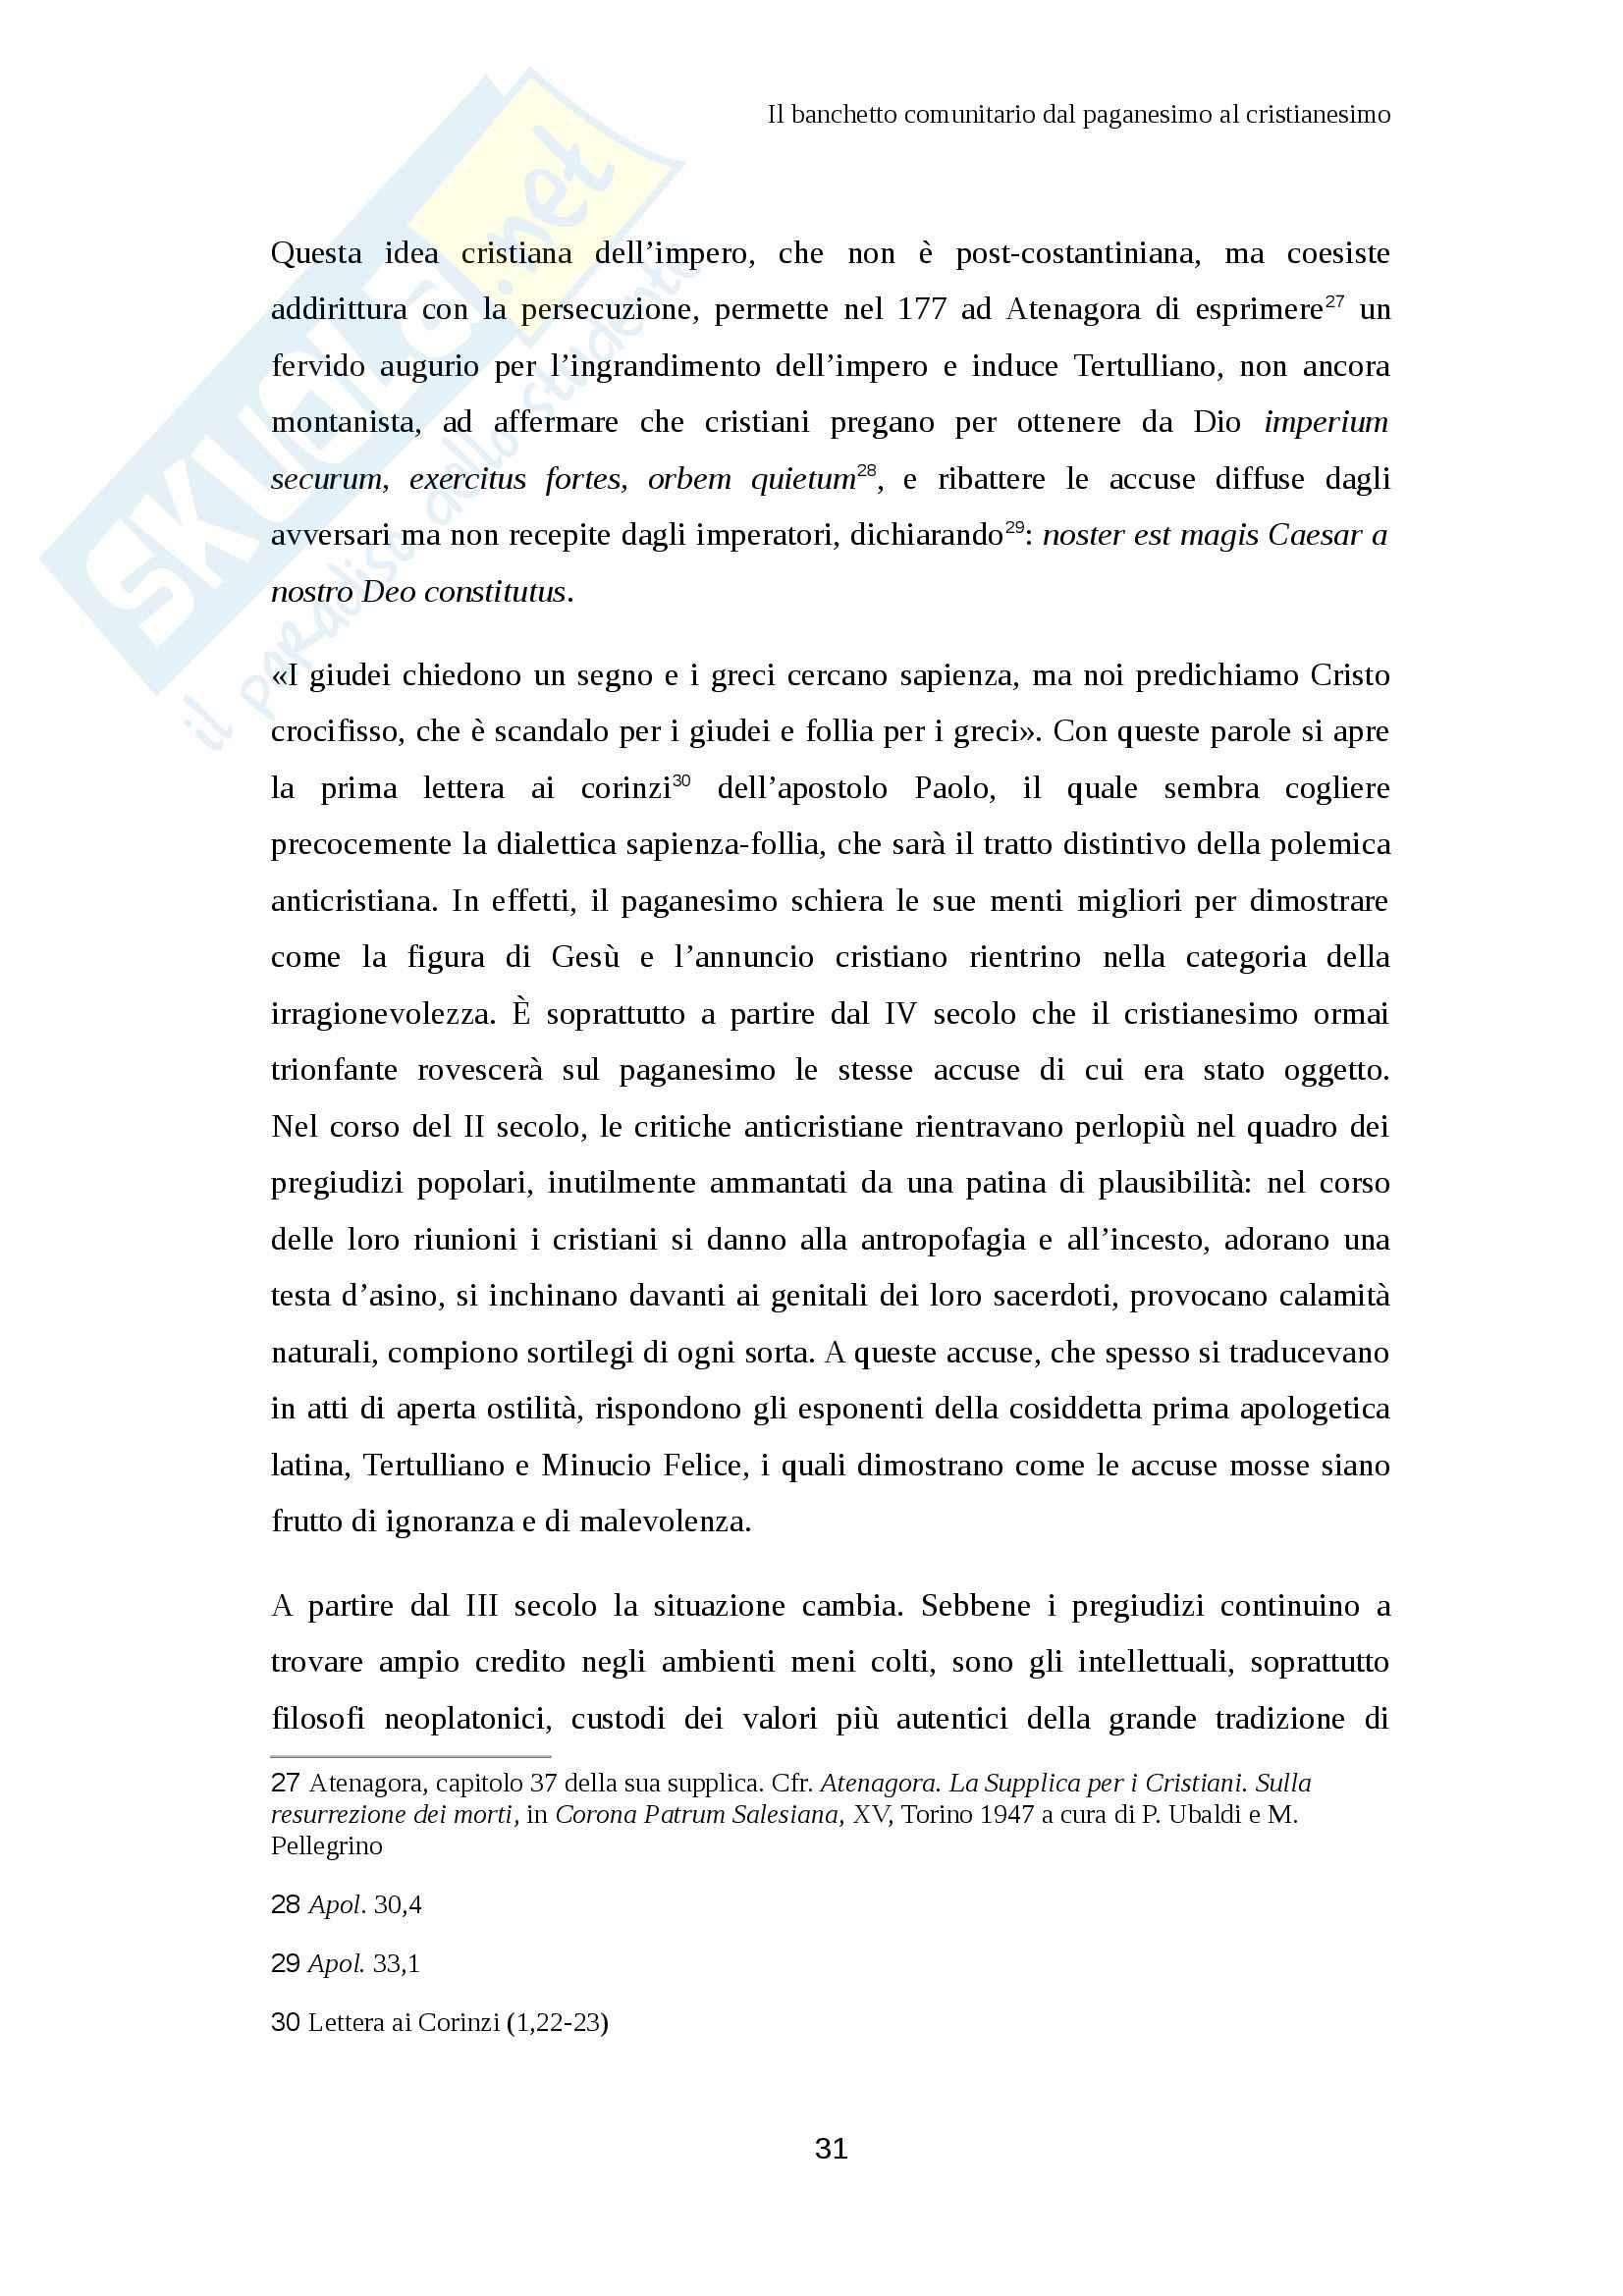 Il banchetto comunitario dal paganesimo al cristianesimo, Filologia Pag. 31